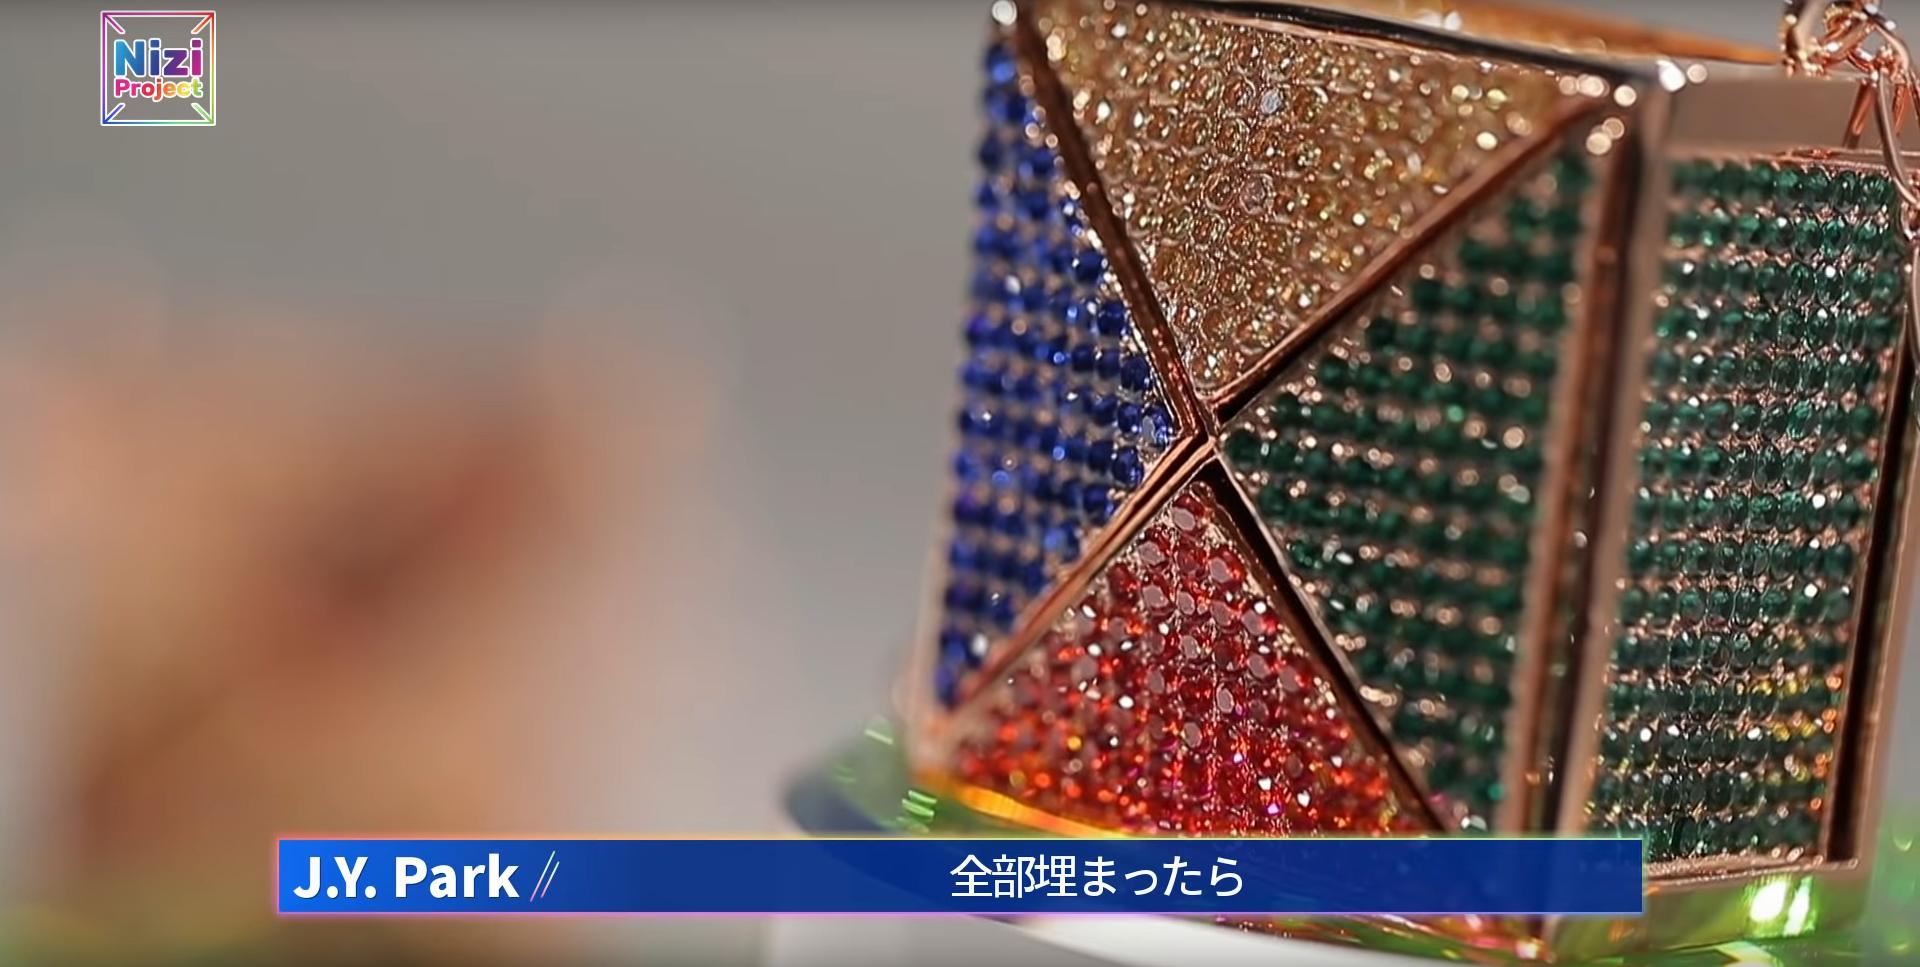 虹 放送 スッキリ 日 プロジェクト